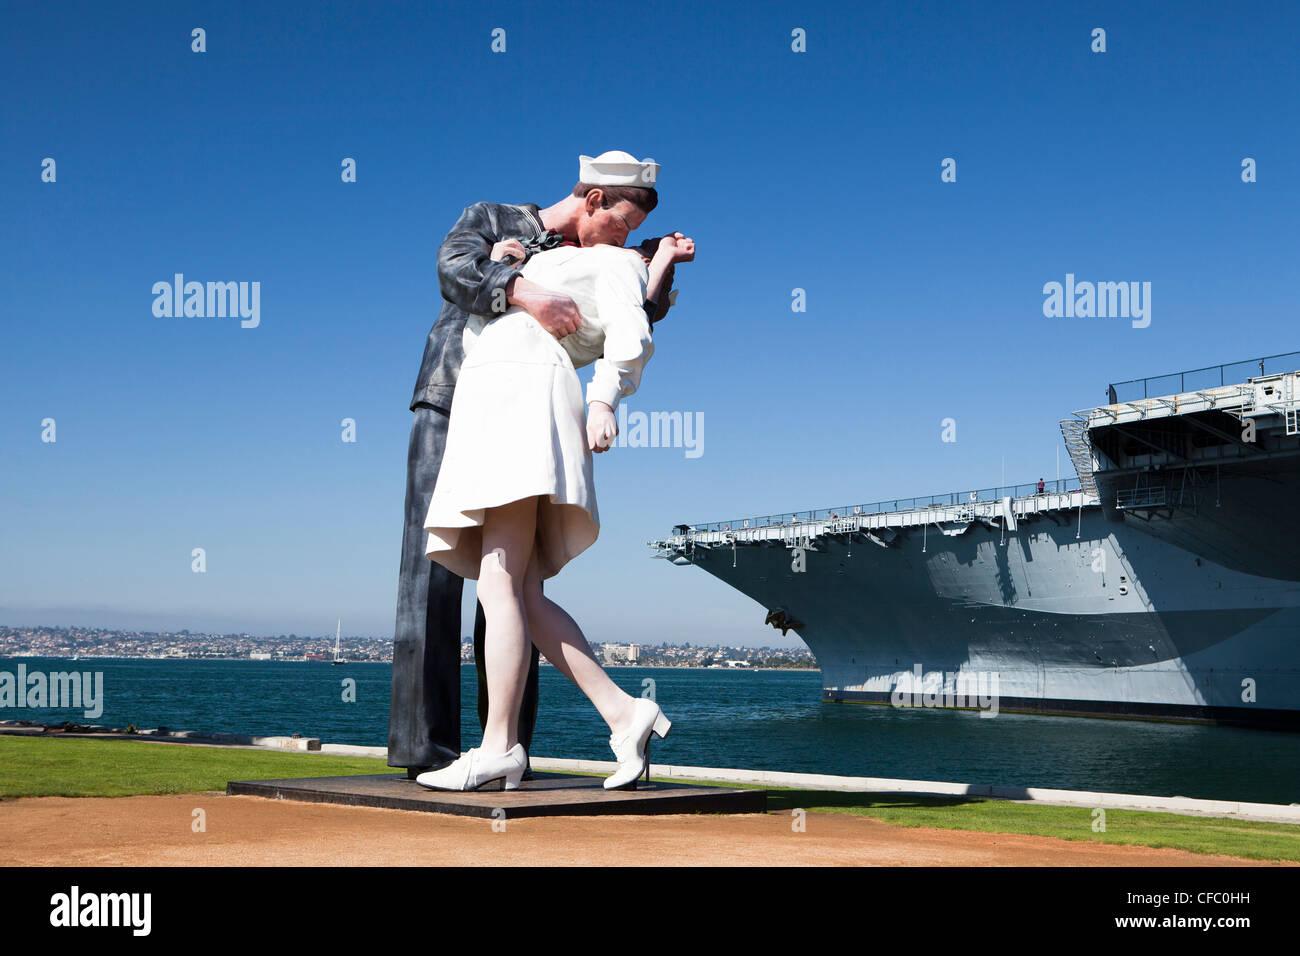 USA, United States, Amérique, Californie, San Diego, ville, à mi-chemin entre nous, parc à thème, Photo Stock